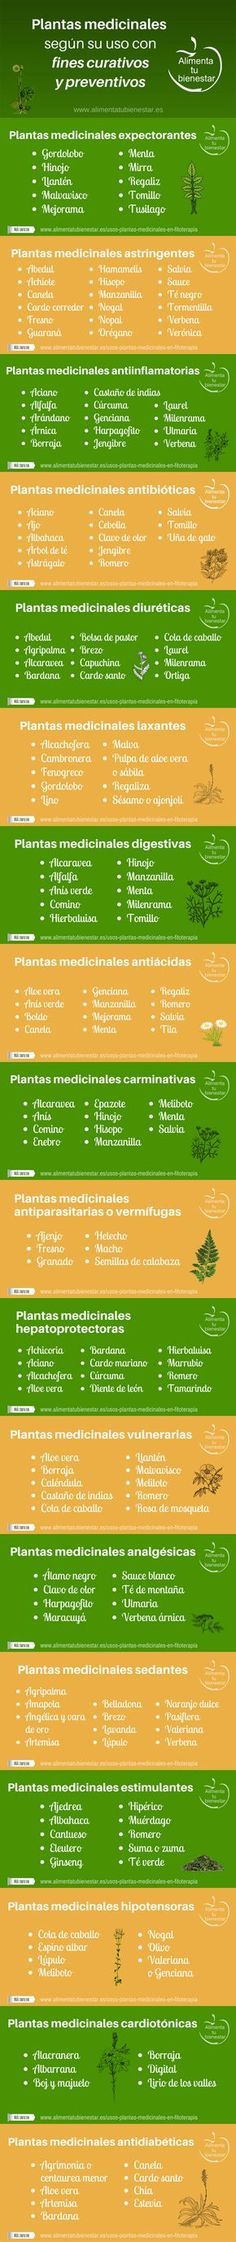 Amplia lista con los usos de las plantas medicinales en fitoterapia; descubre cómo se preparan y cuáles son las adecuadas para qué afecciones. #alimentatubienestar